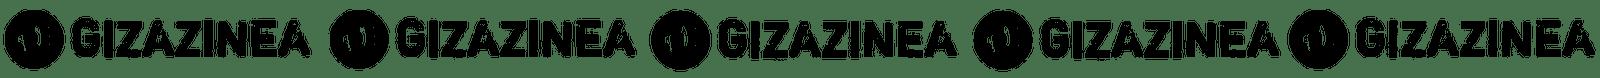 separador gizazinea